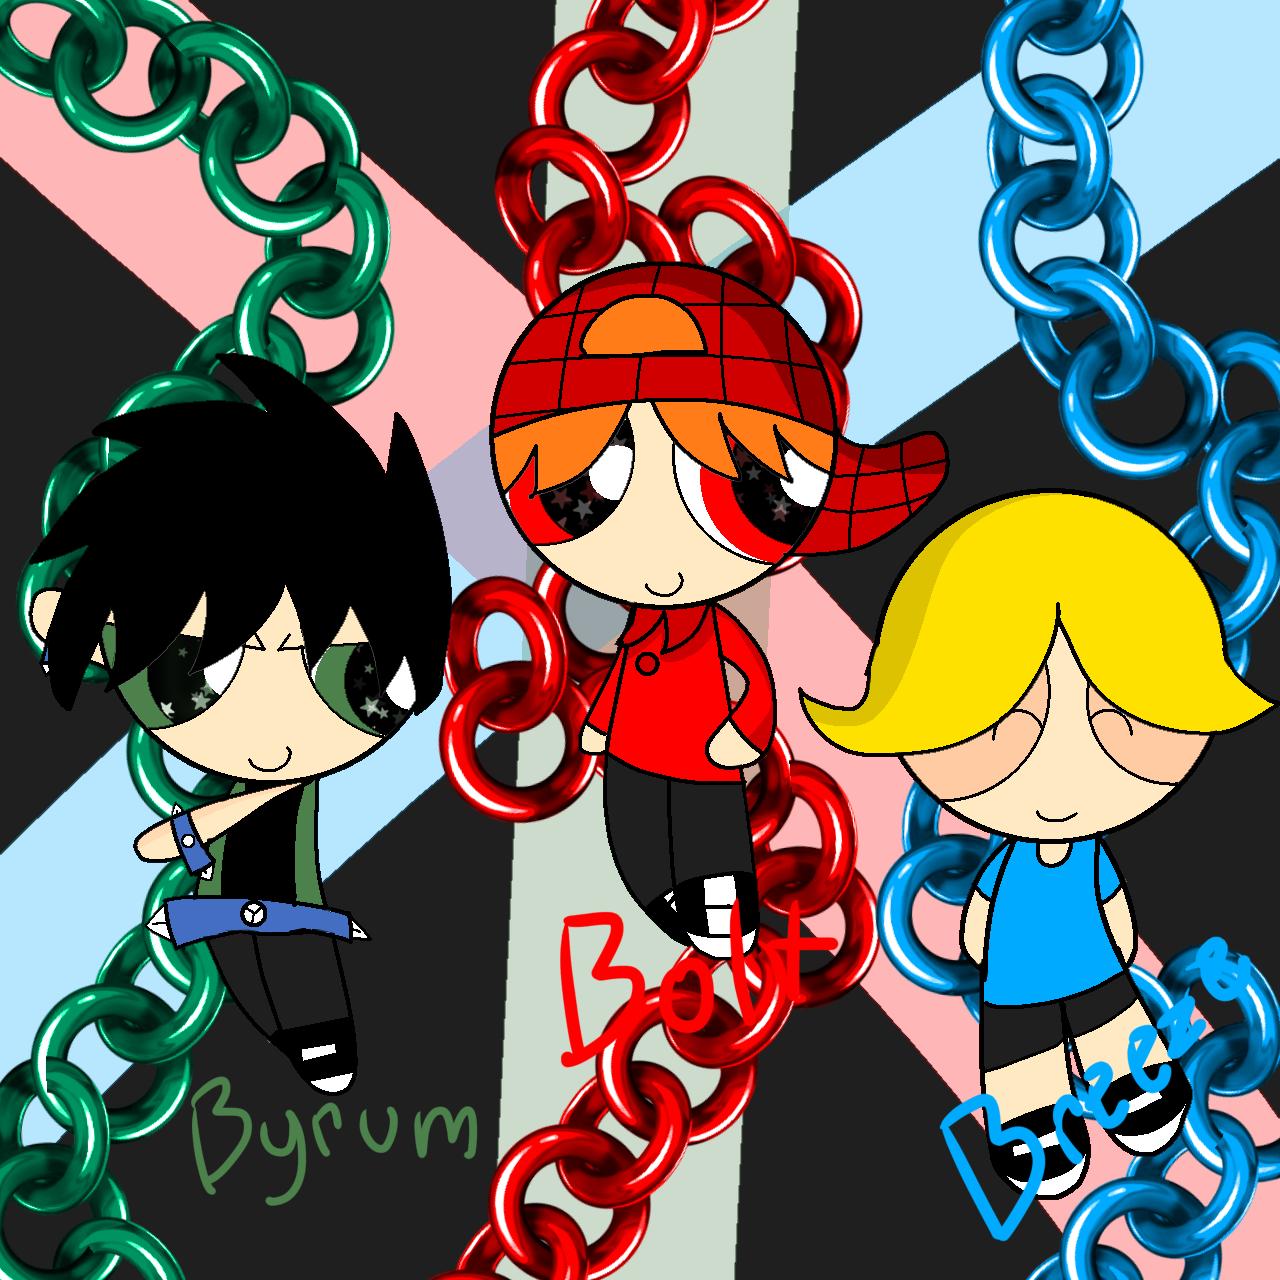 [RQ] The Rowdyrunk Boys